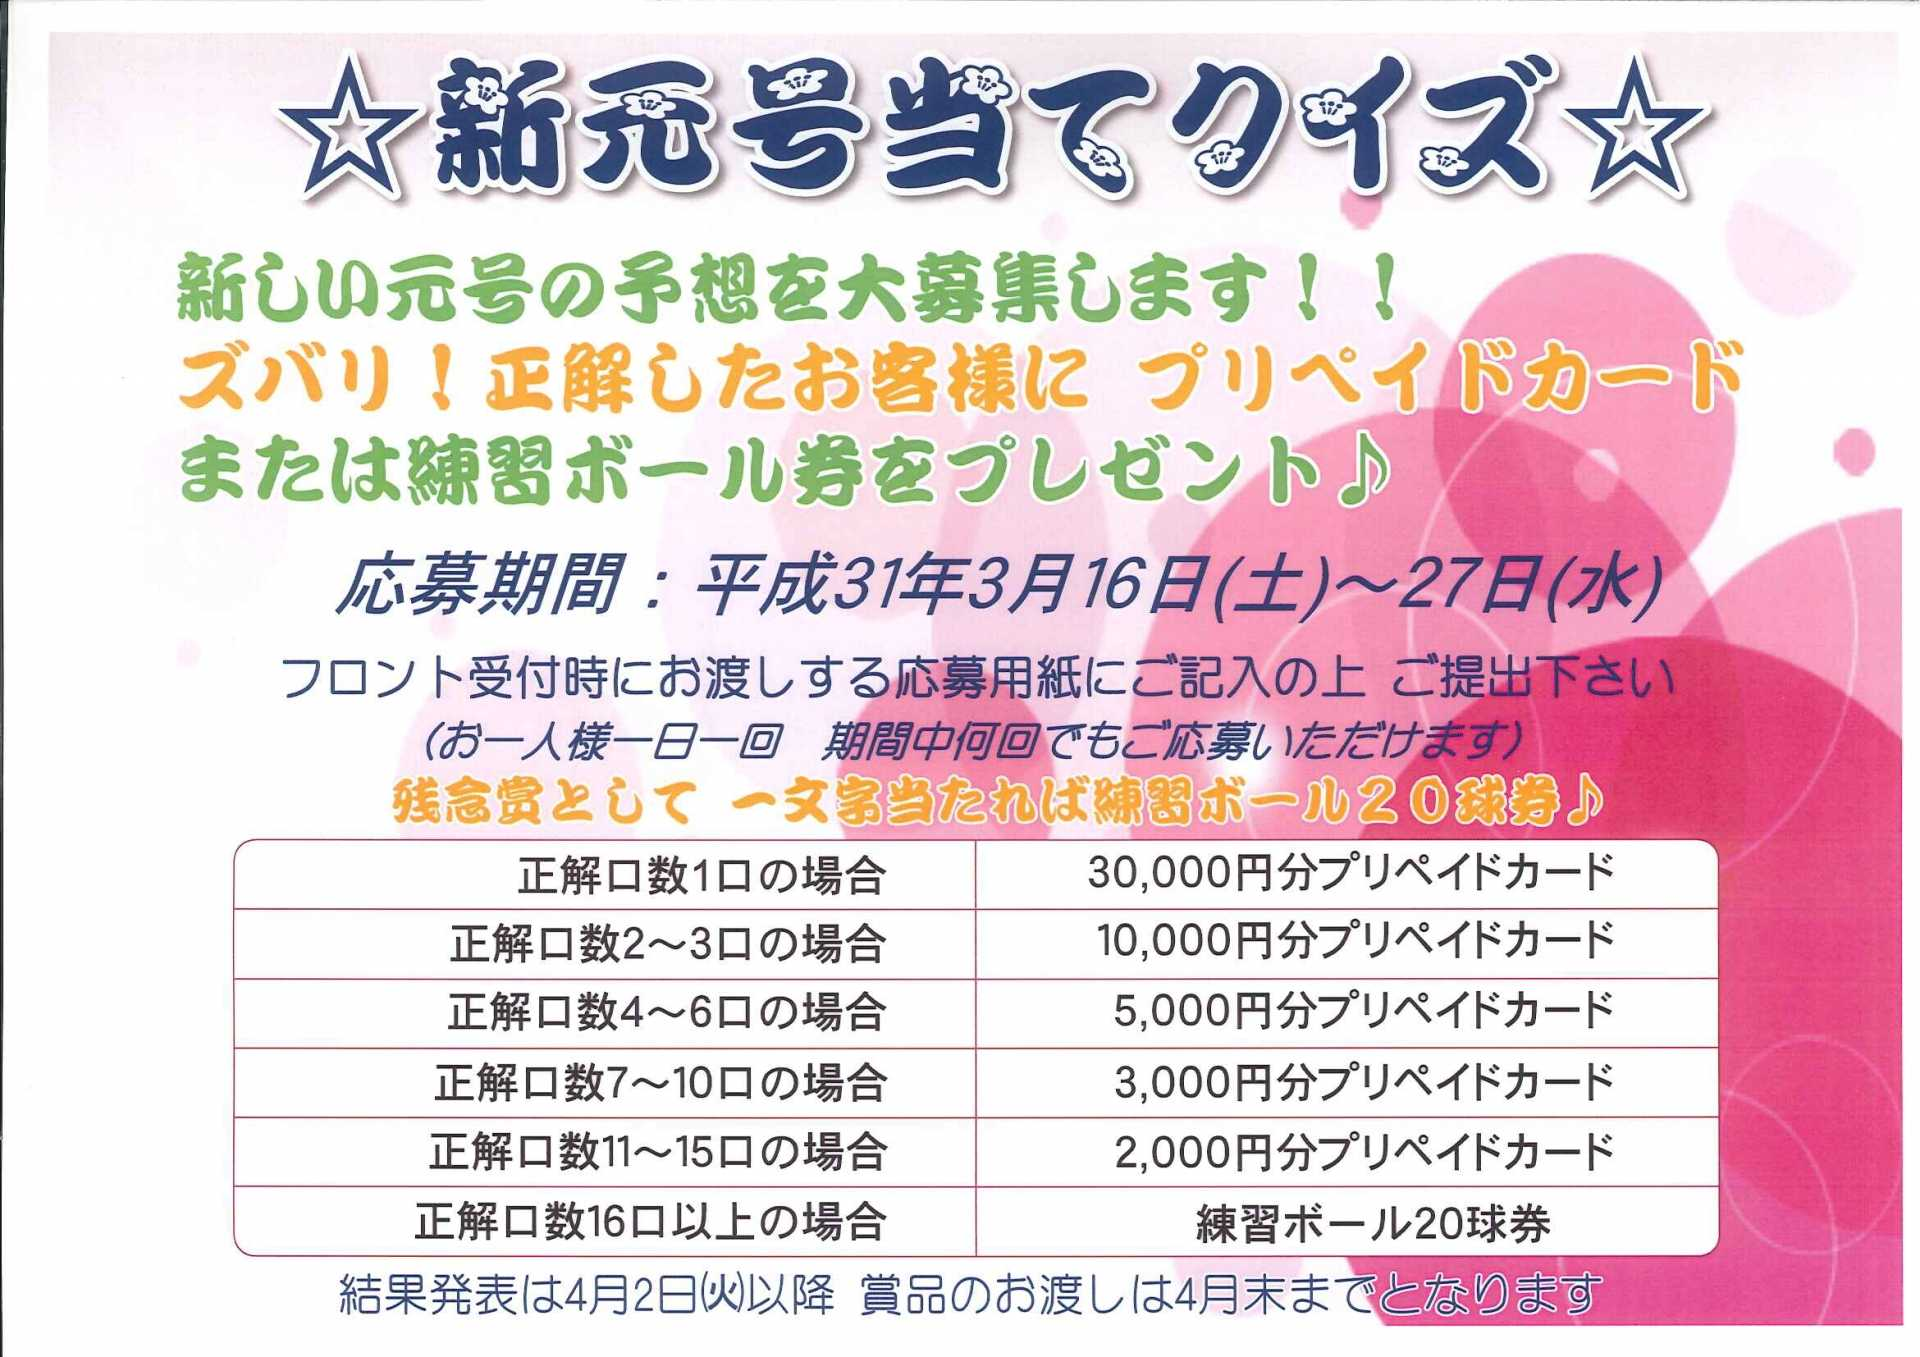 ☆新元号当てクイズ☆